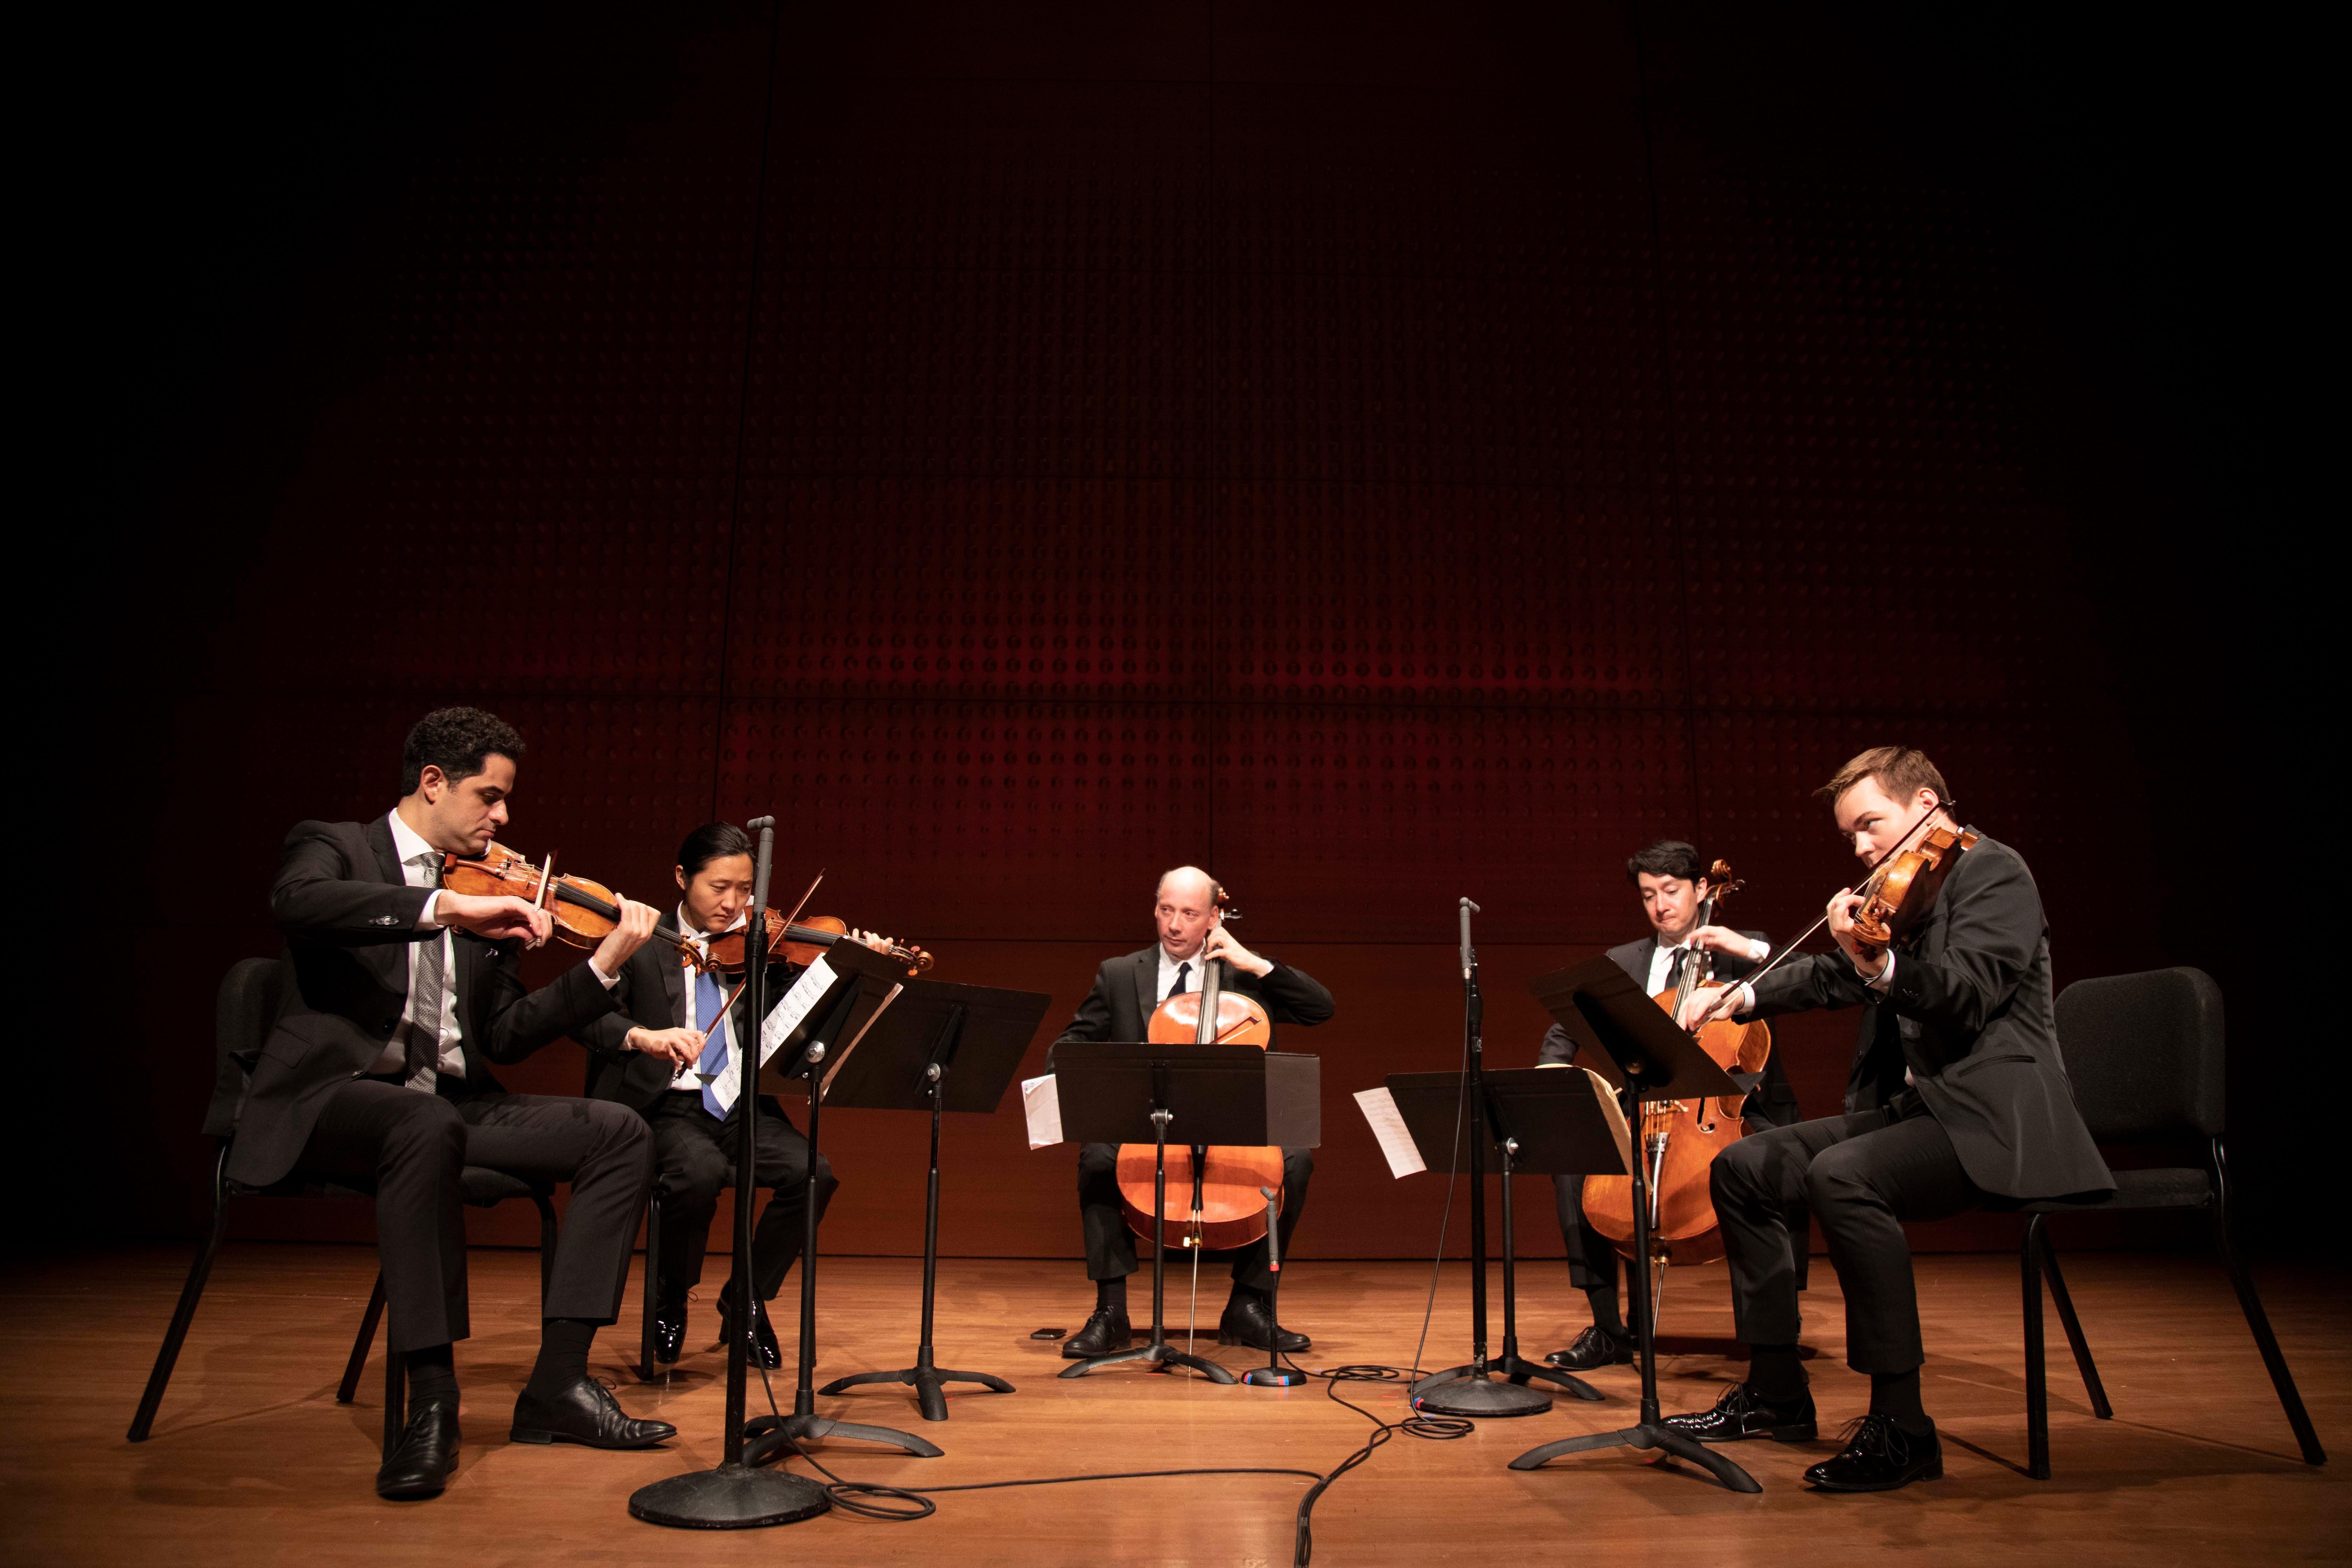 Schubert's Cello Quintet